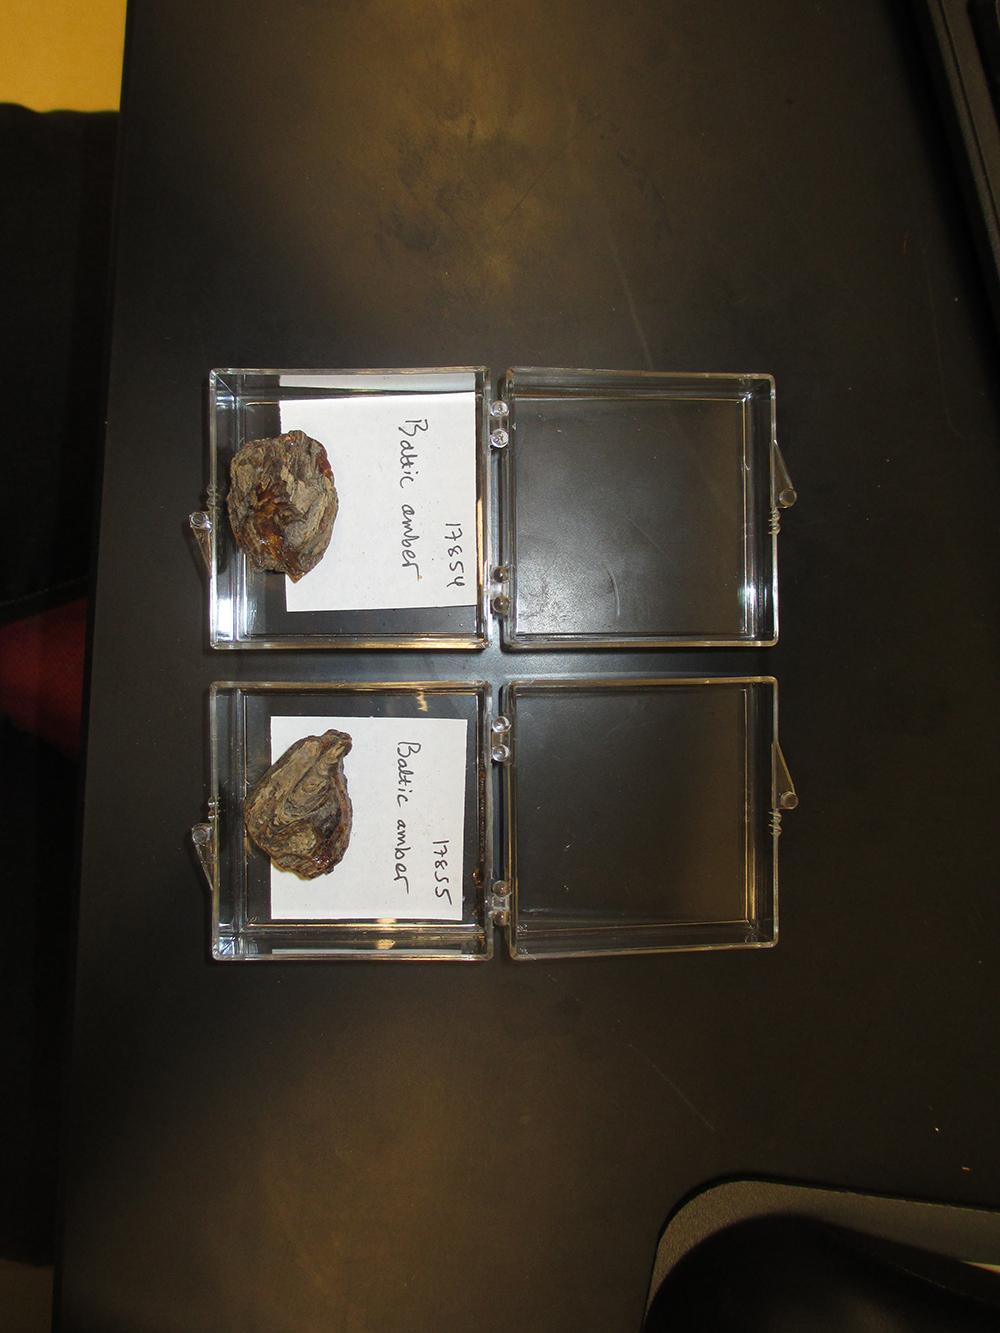 http://mczbase.mcz.harvard.edu/specimen_images/entomology/paleo/large/PALE-17855_Undetermined_undetermined_raw_amber.jpg